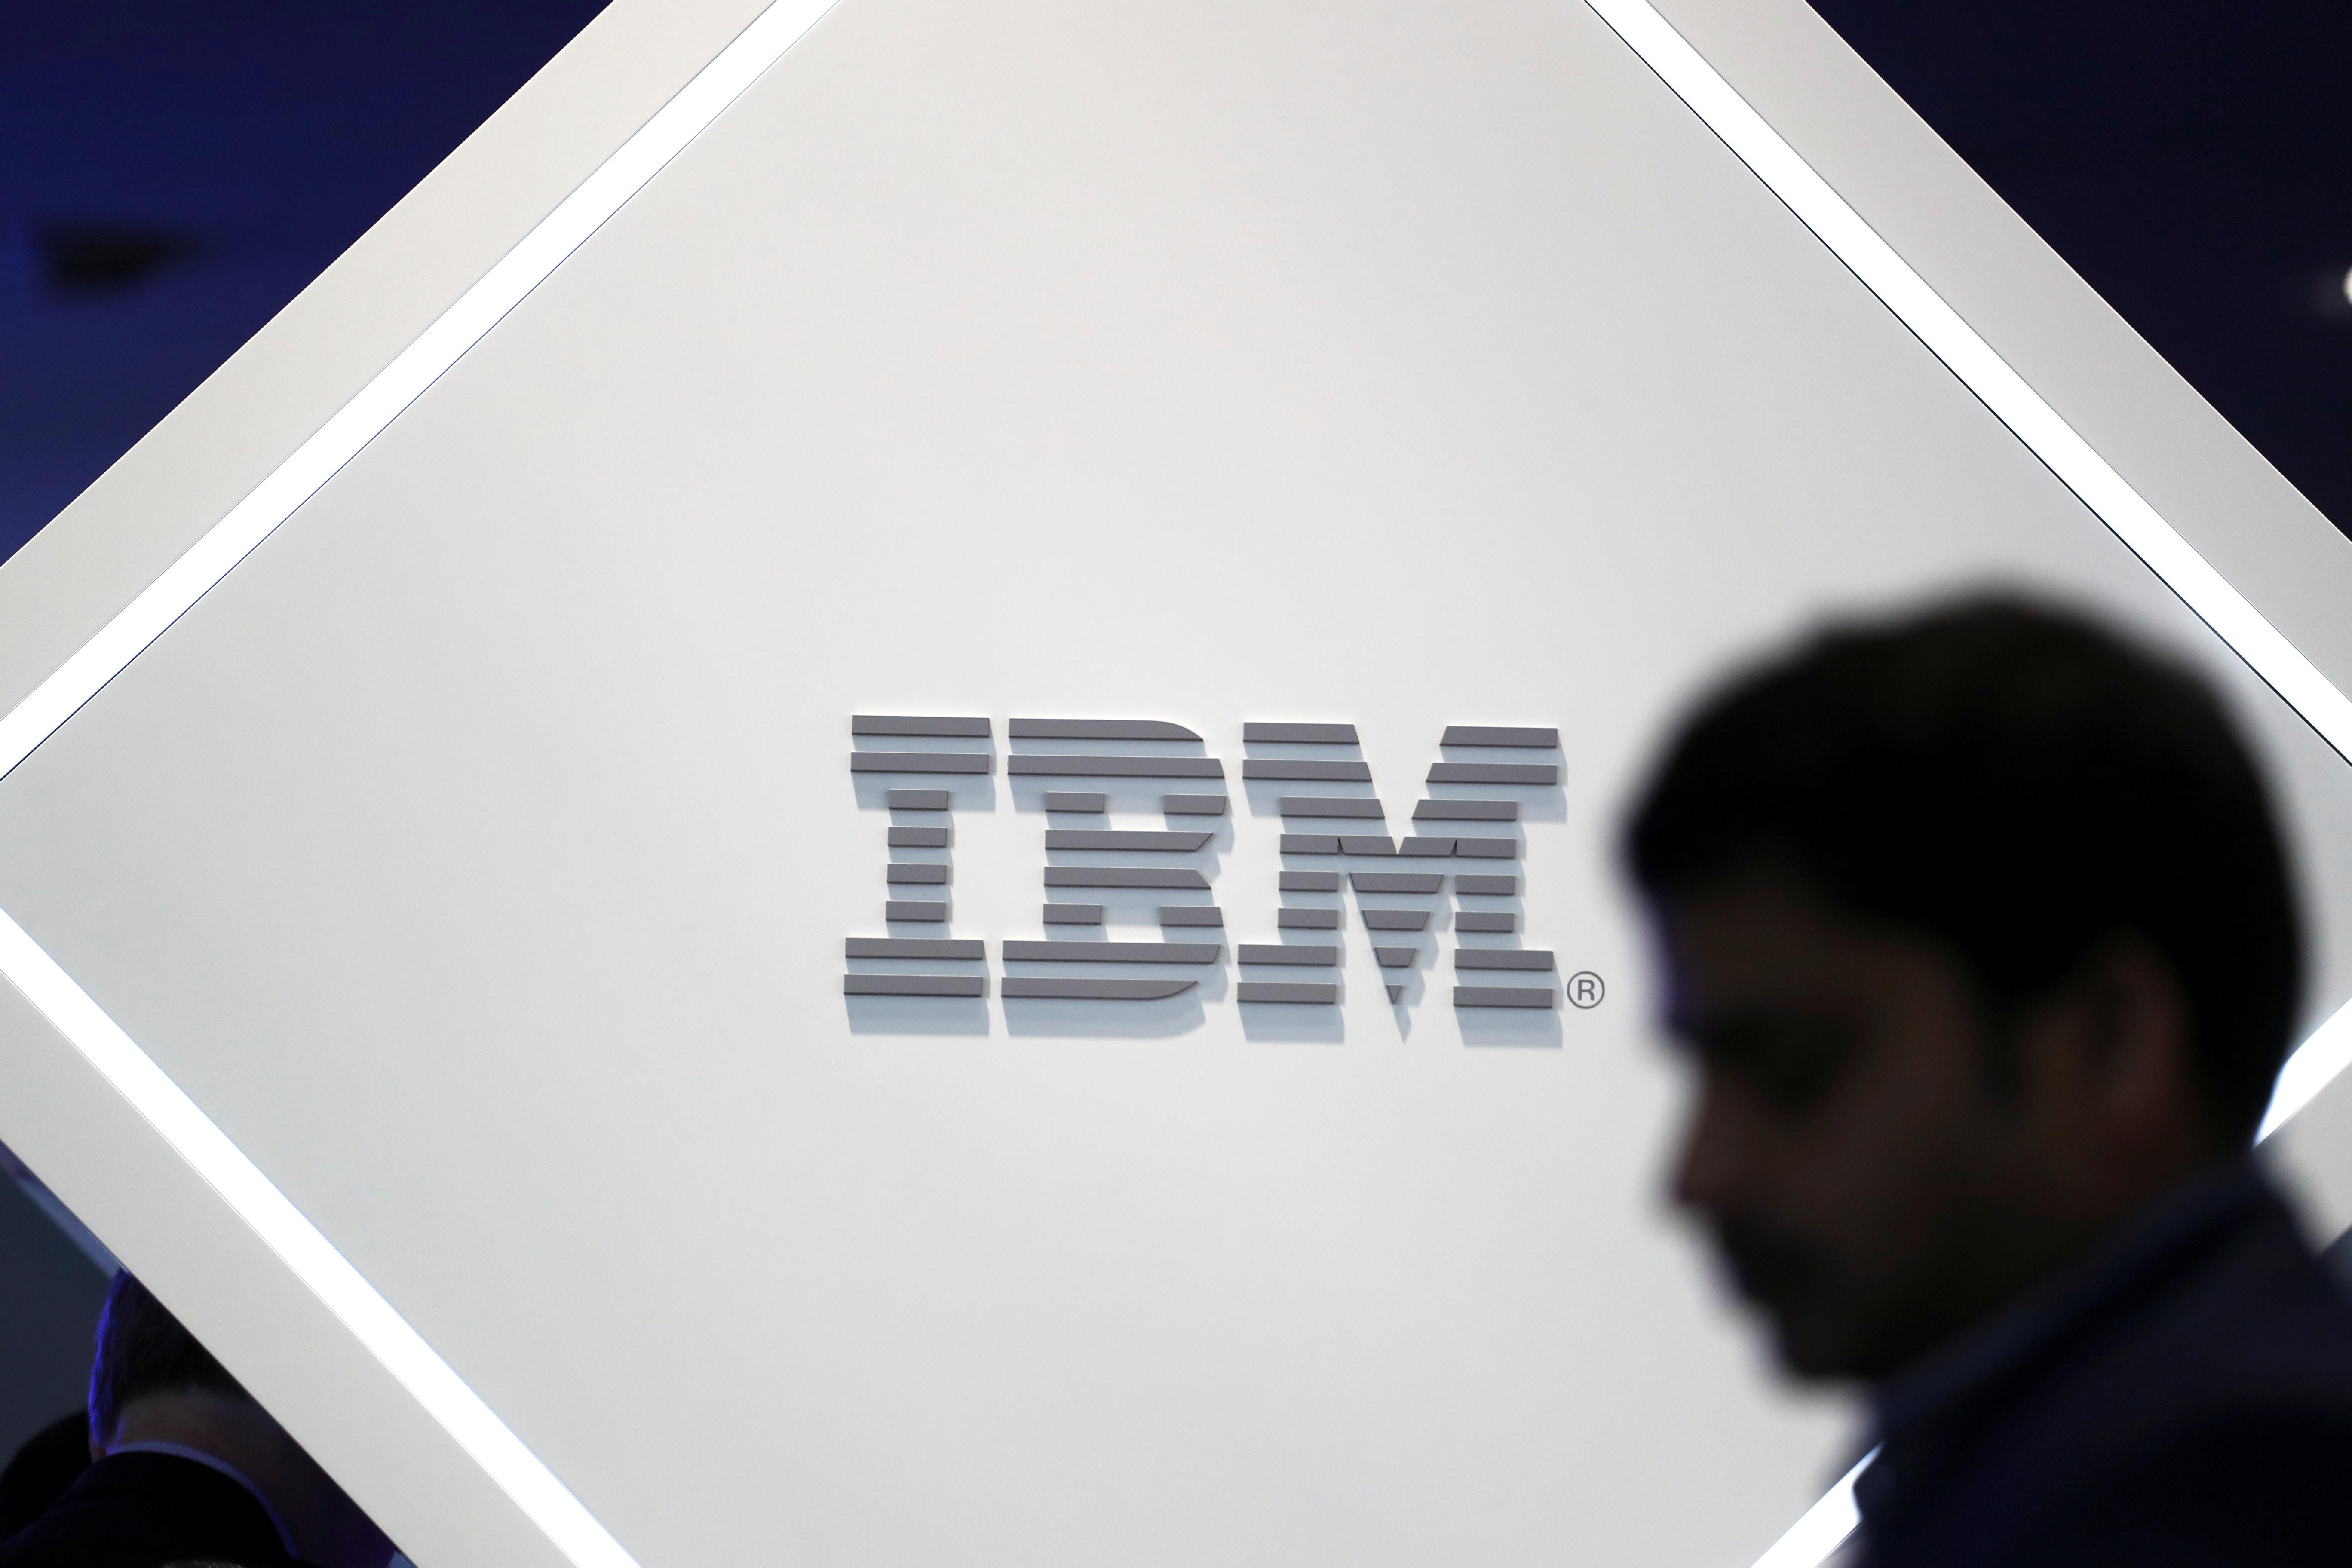 米IBMがレッドハットの買収を完了 過去最大の買収額でクラウド事業を強化